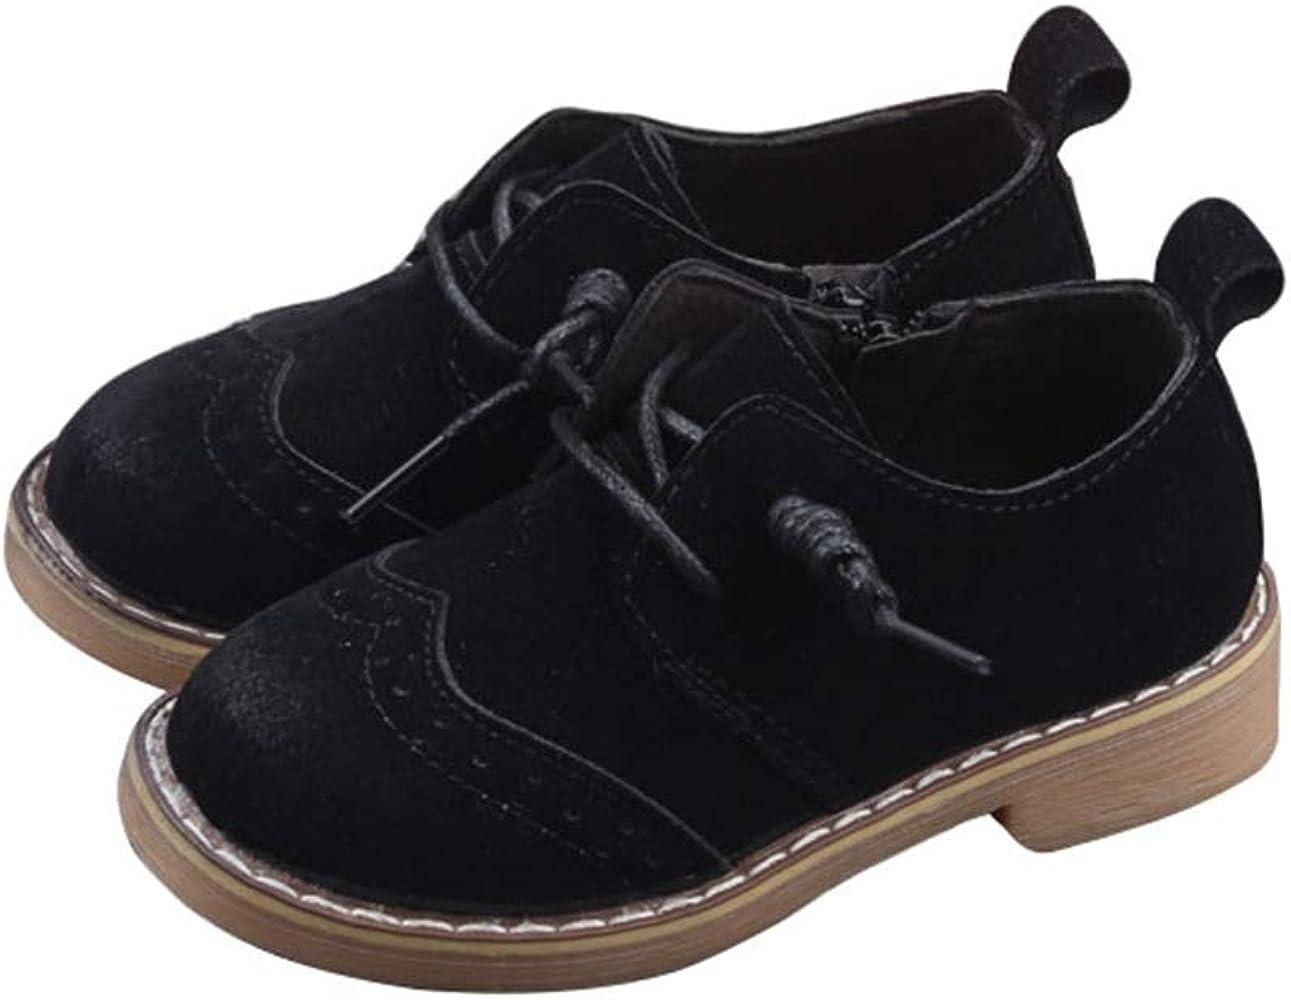 Non-Slip Faux Suede Oxfords Dress Shoes